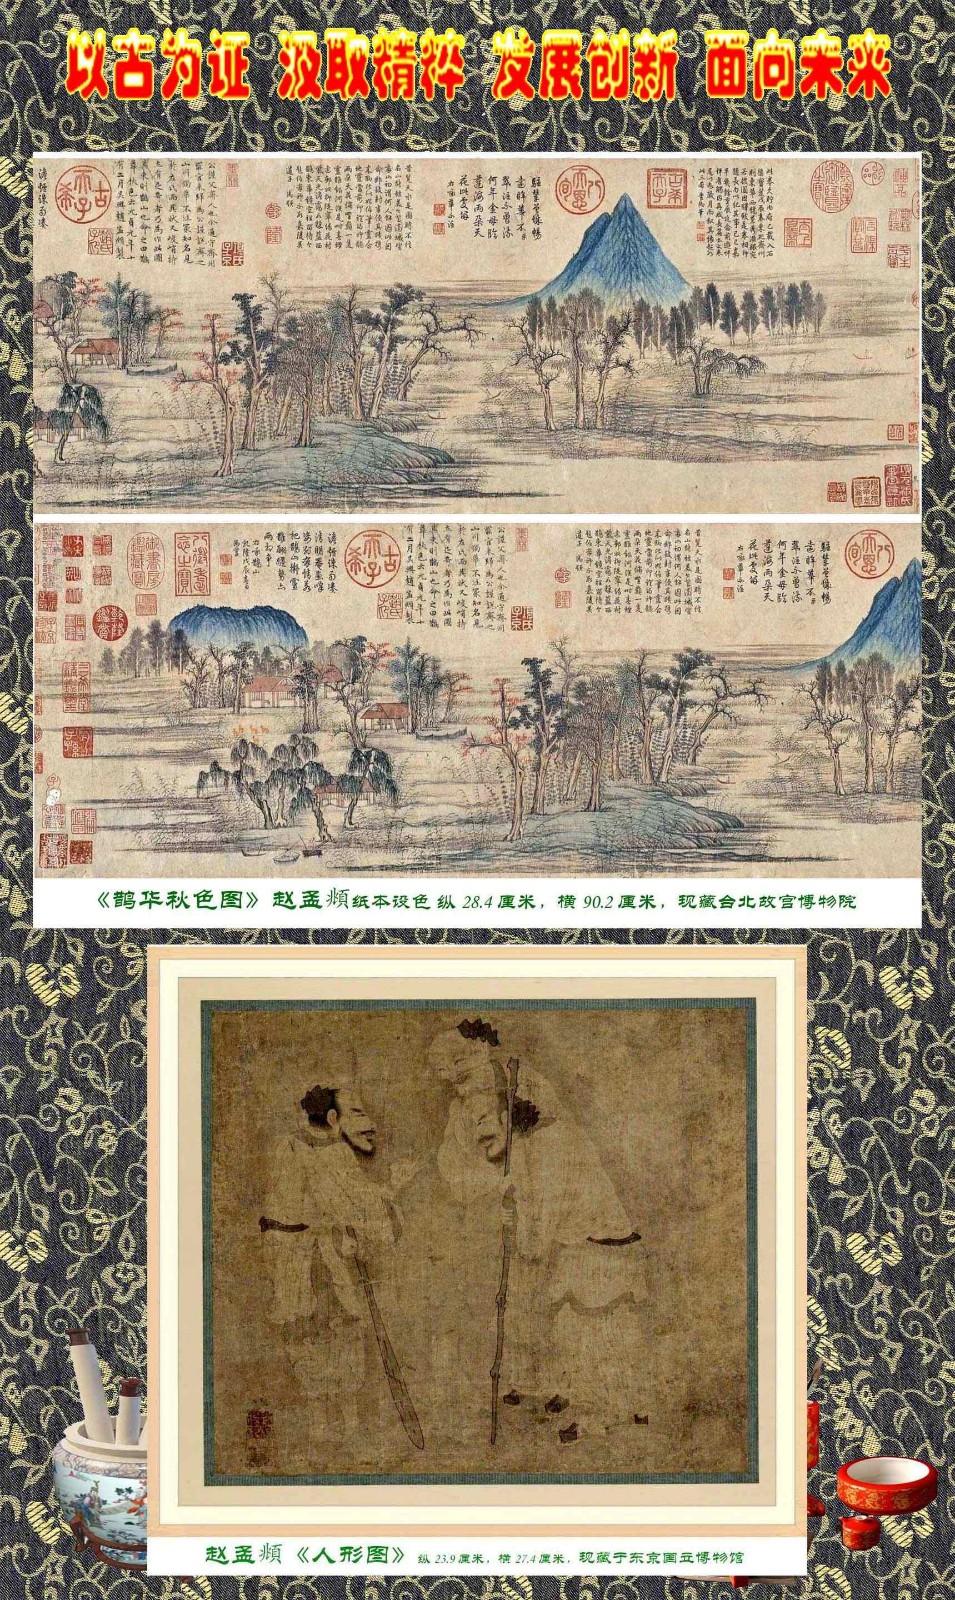 和而不同是常态 中华文明耀世界_图1-10